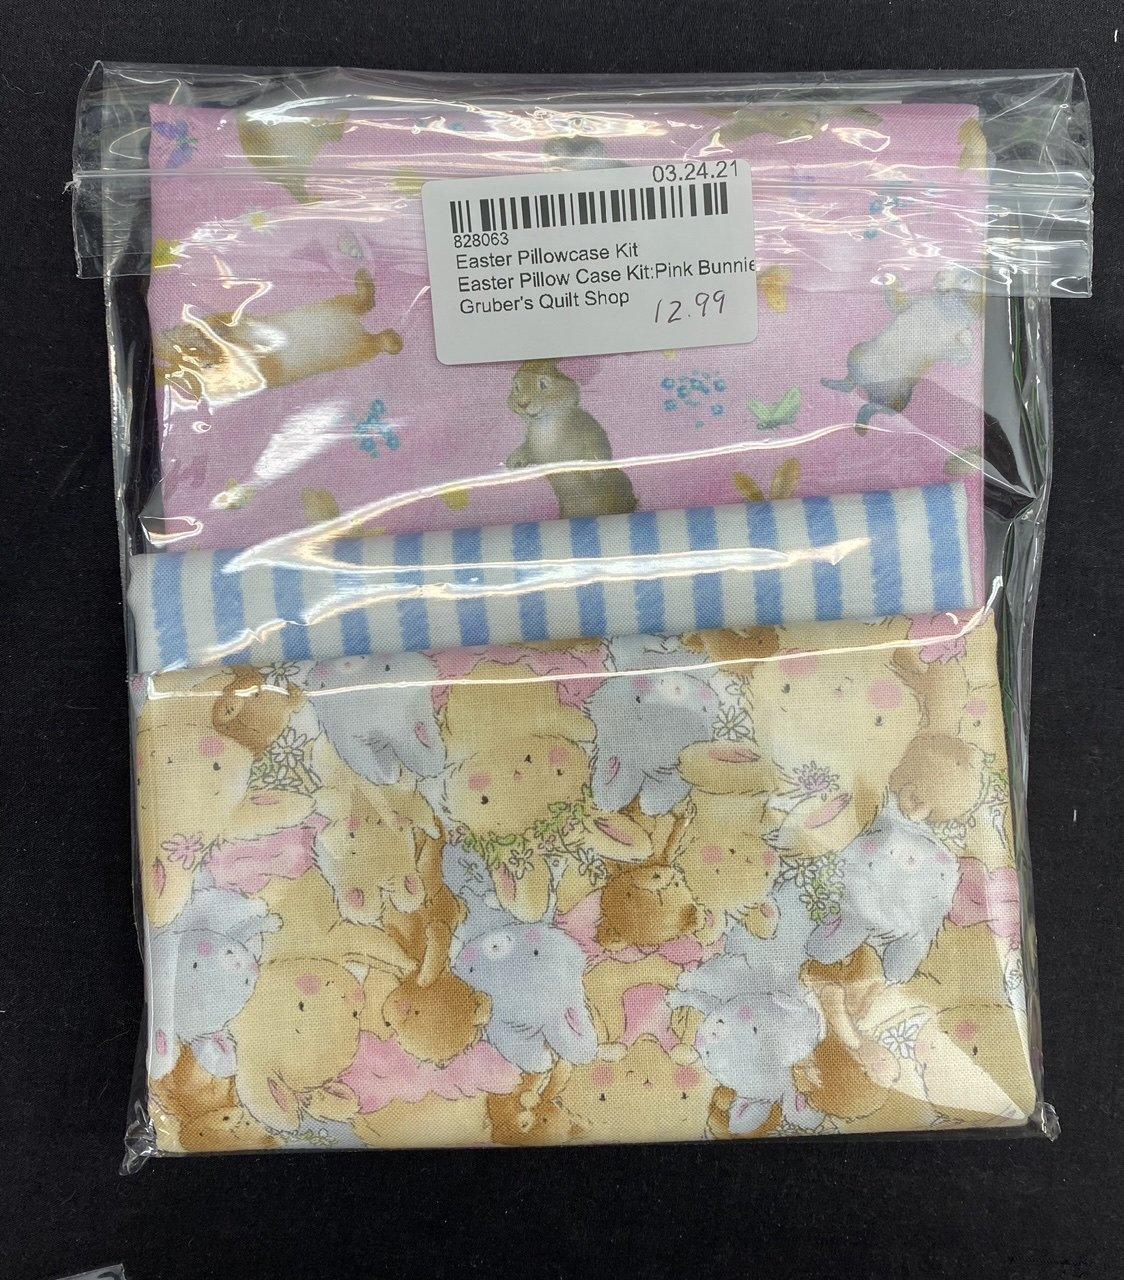 Easter Pillowcase Kit